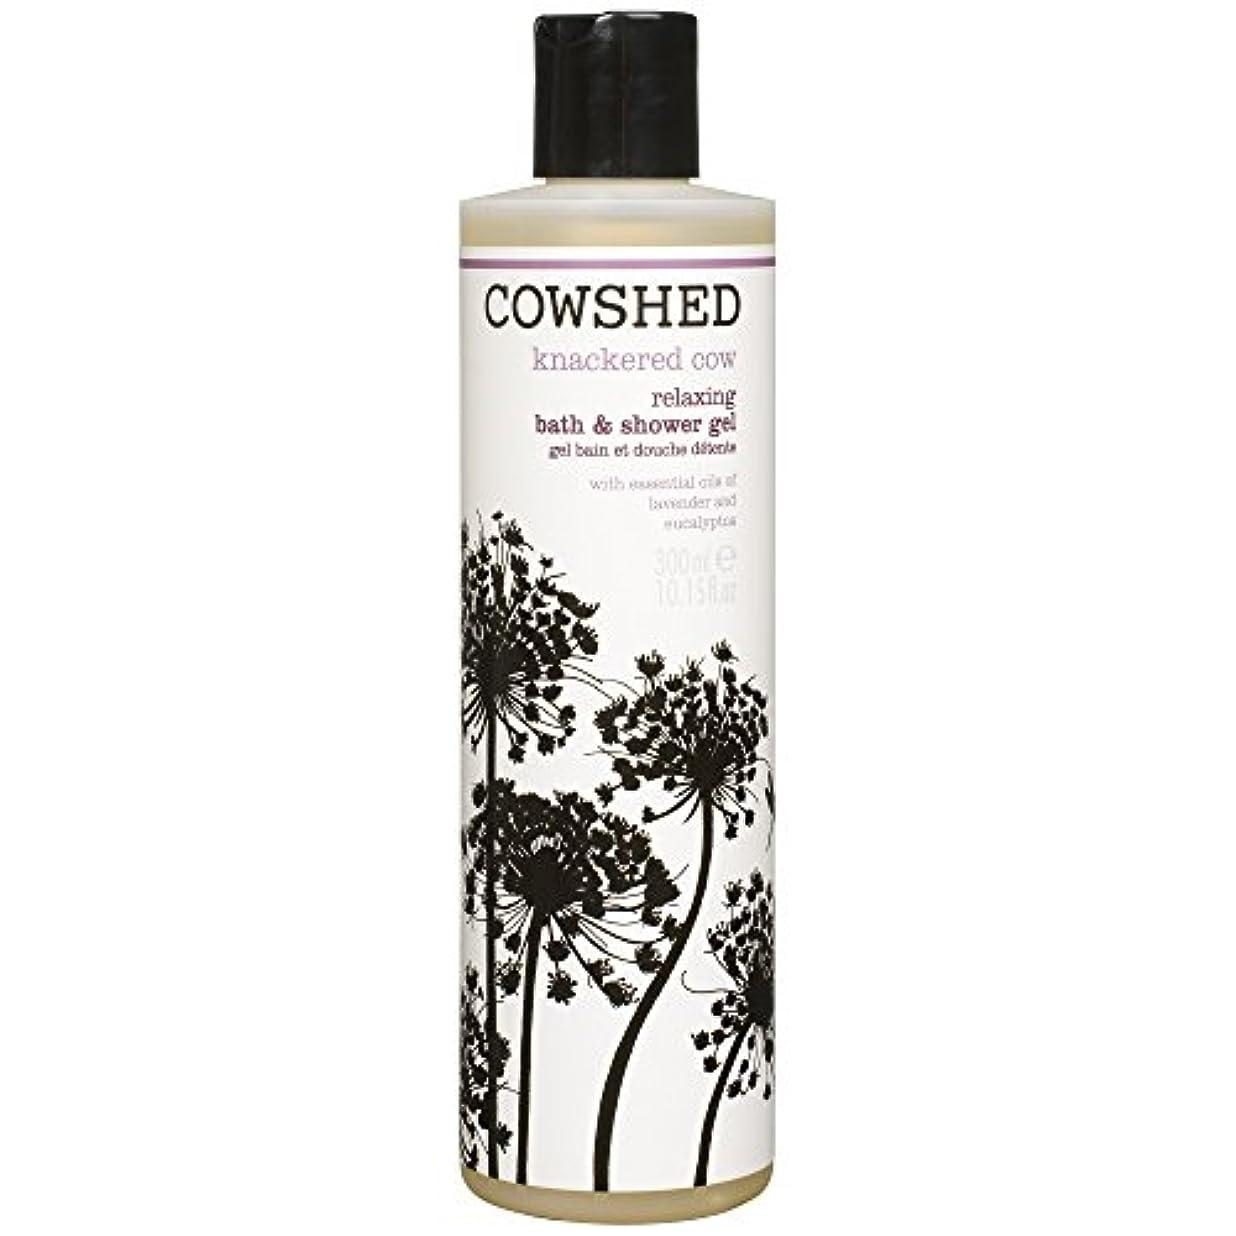 救いギャラントリー広範囲に牛舎は、バス&シャワージェル300ミリリットルを緩和牛をくたくたに疲れました (Cowshed) - Cowshed Knackered Cow Relaxing Bath & Shower Gel 300ml [並行輸入品]